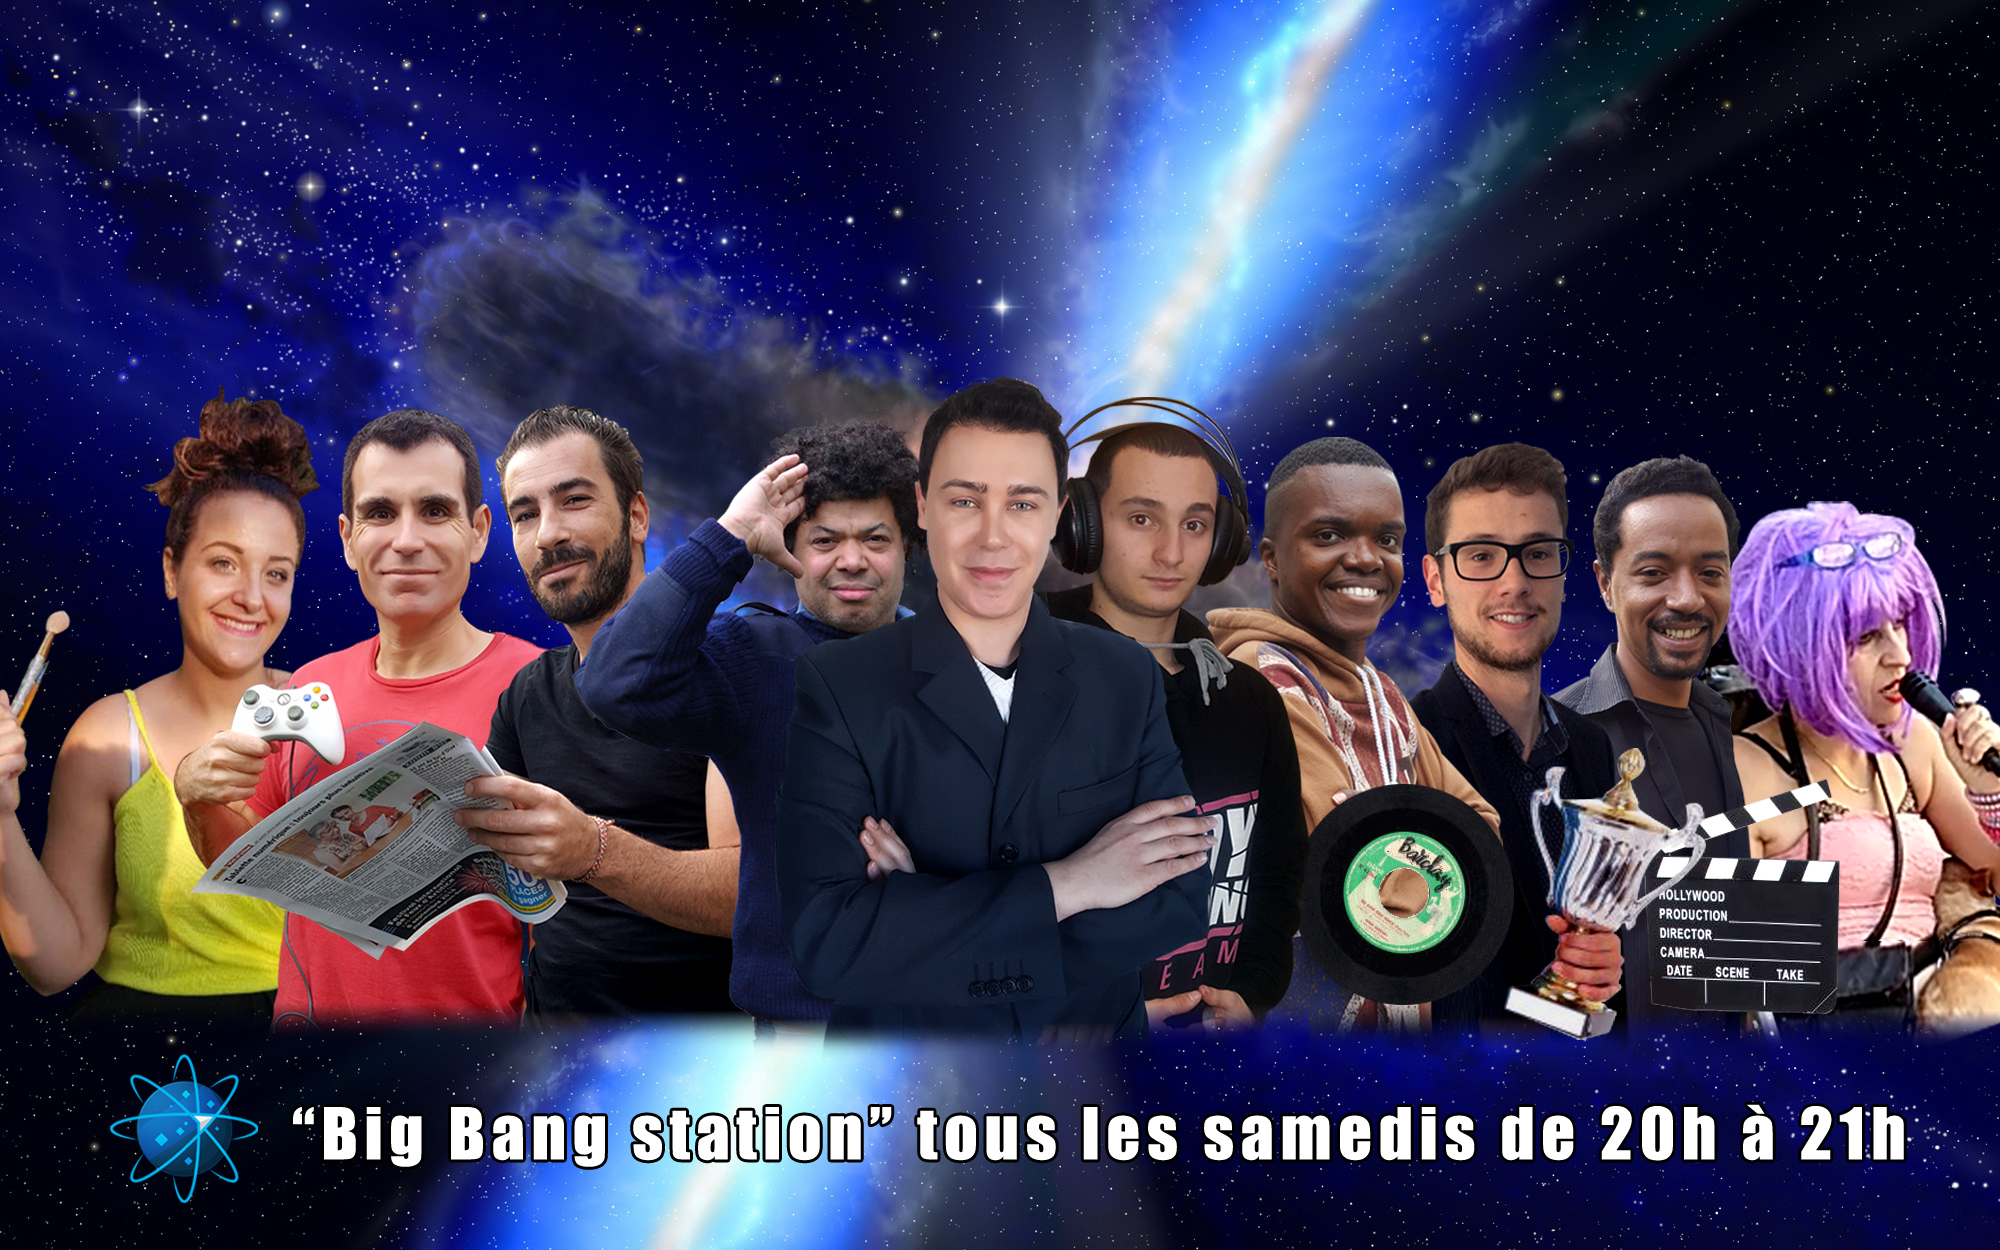 Une nouvelle Big Bang team : Marie, Olivier, Nono, Petit Manu, Didier, Dany, Kevin, Pierre, Luis et Sophie